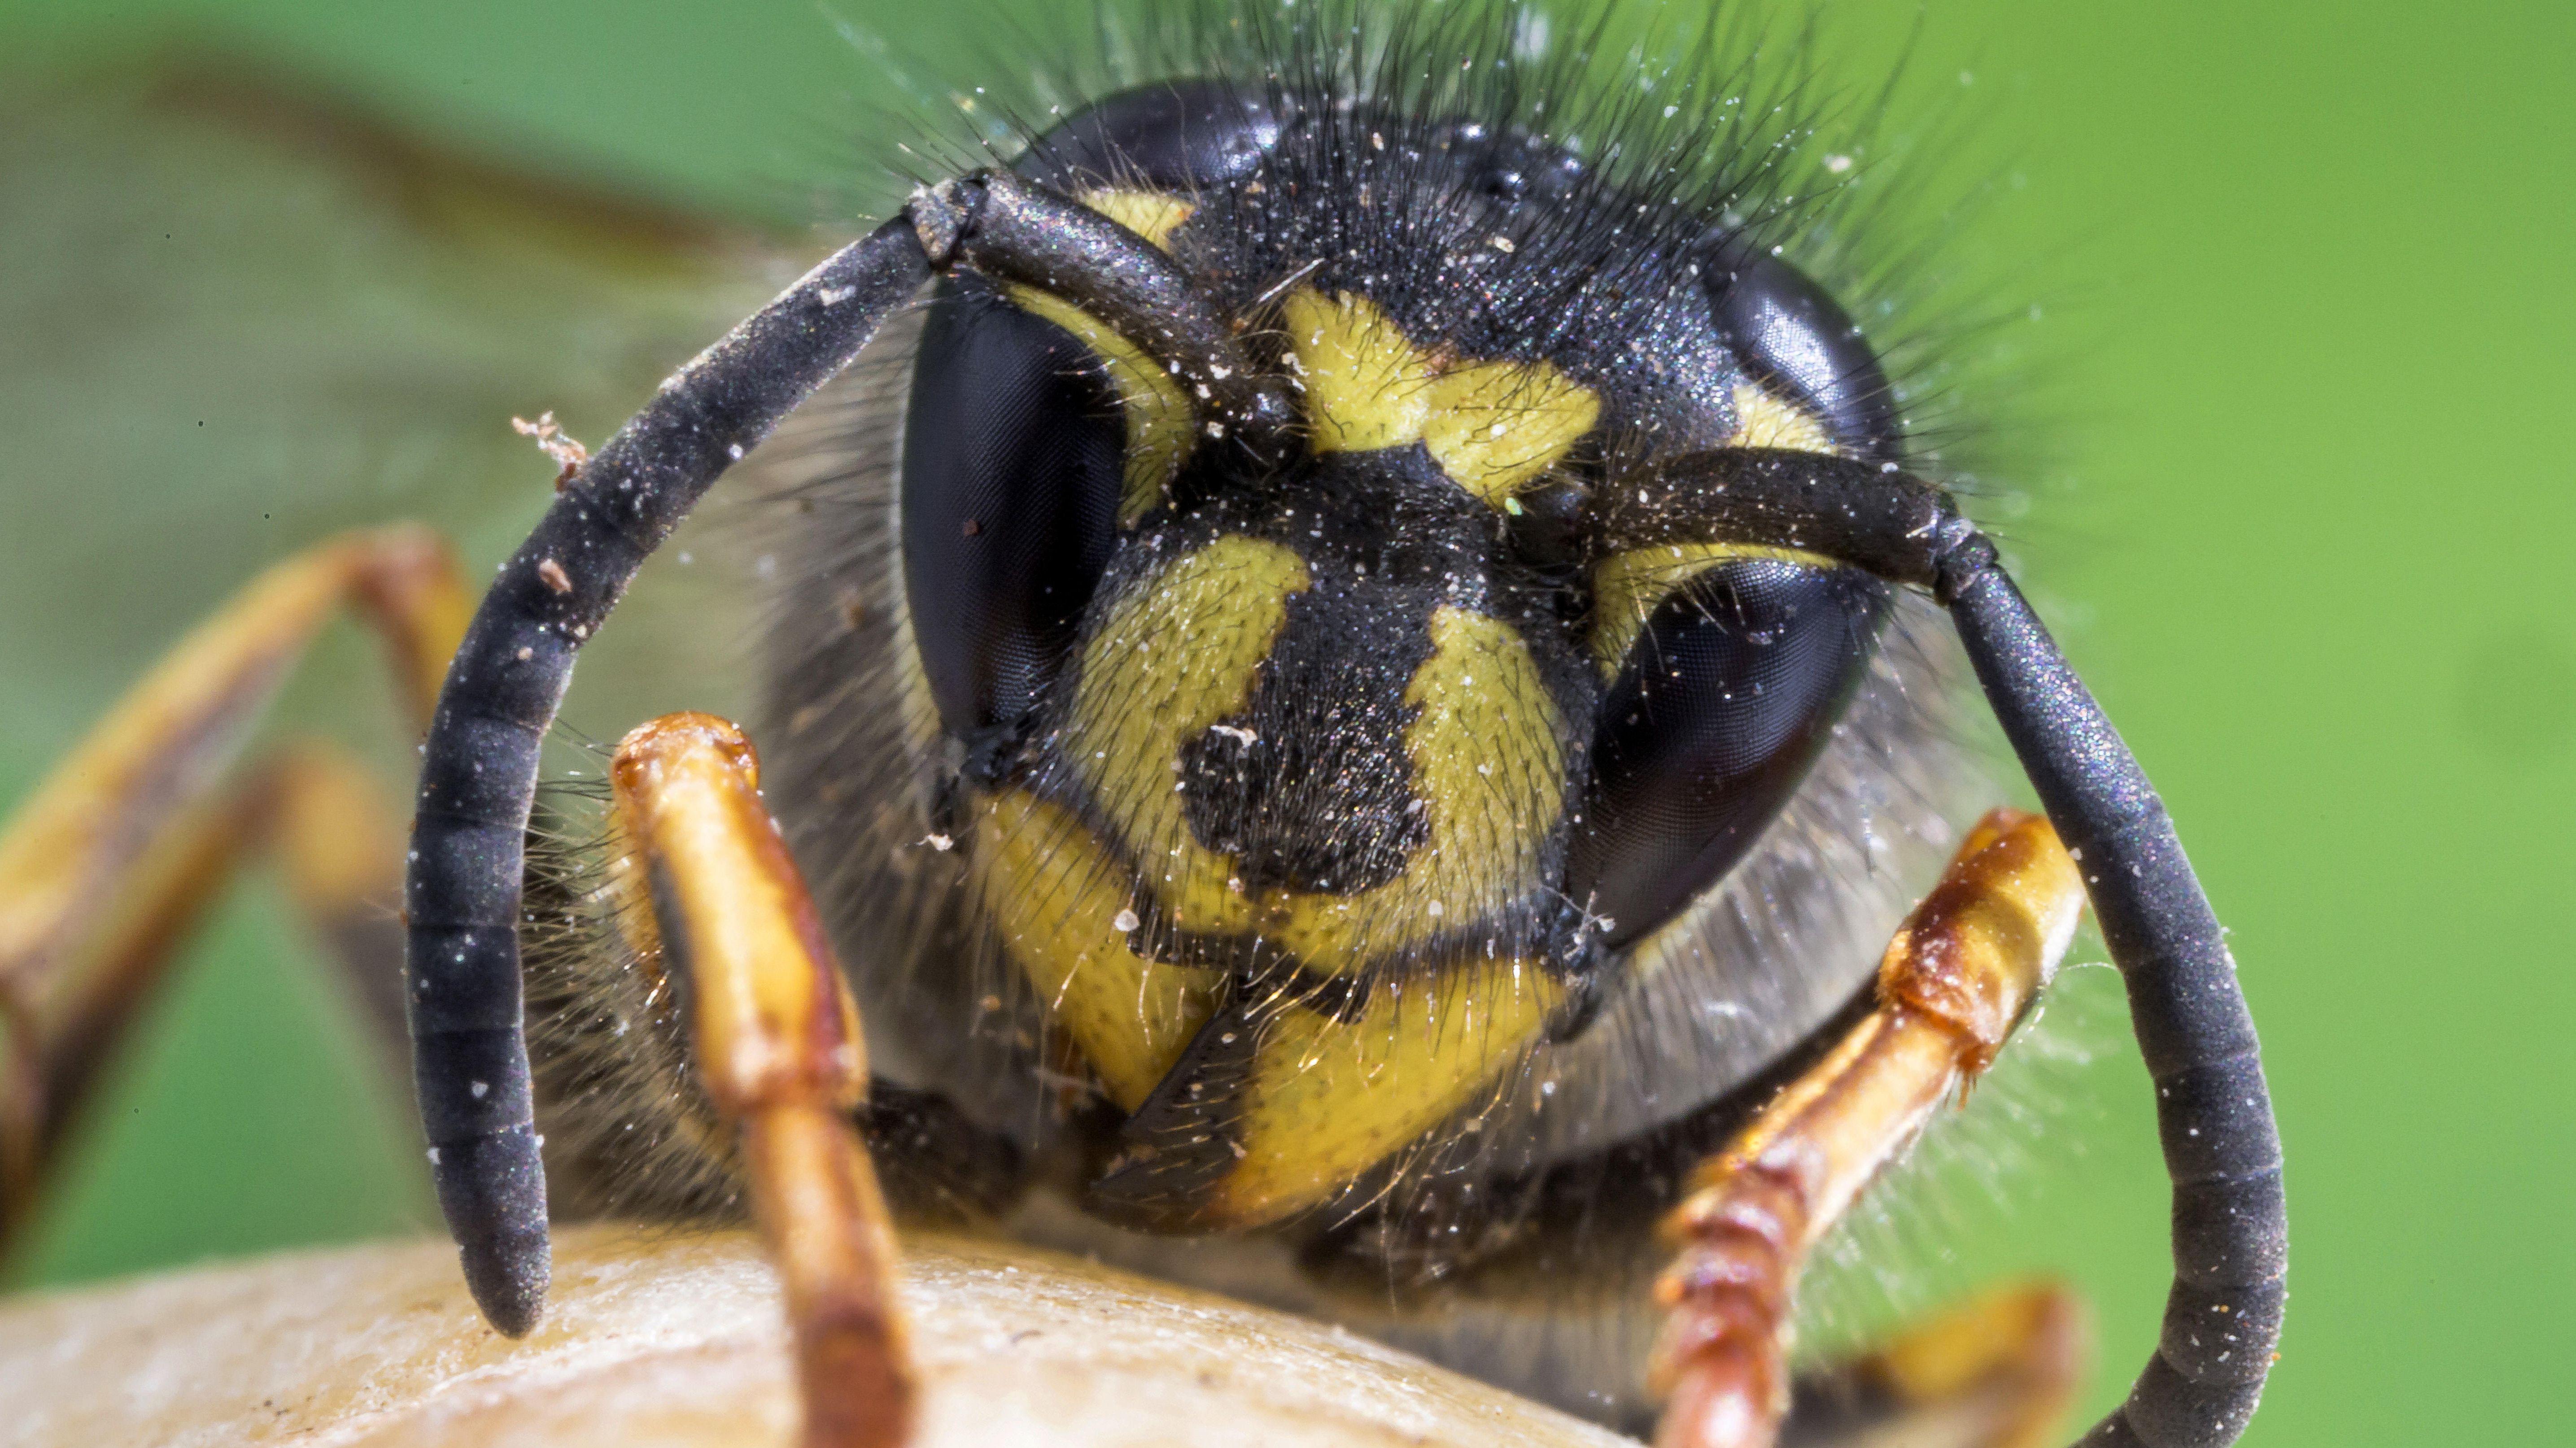 Vorderansicht einer gewöhnlichen Wespe (Vespula vulgaris).